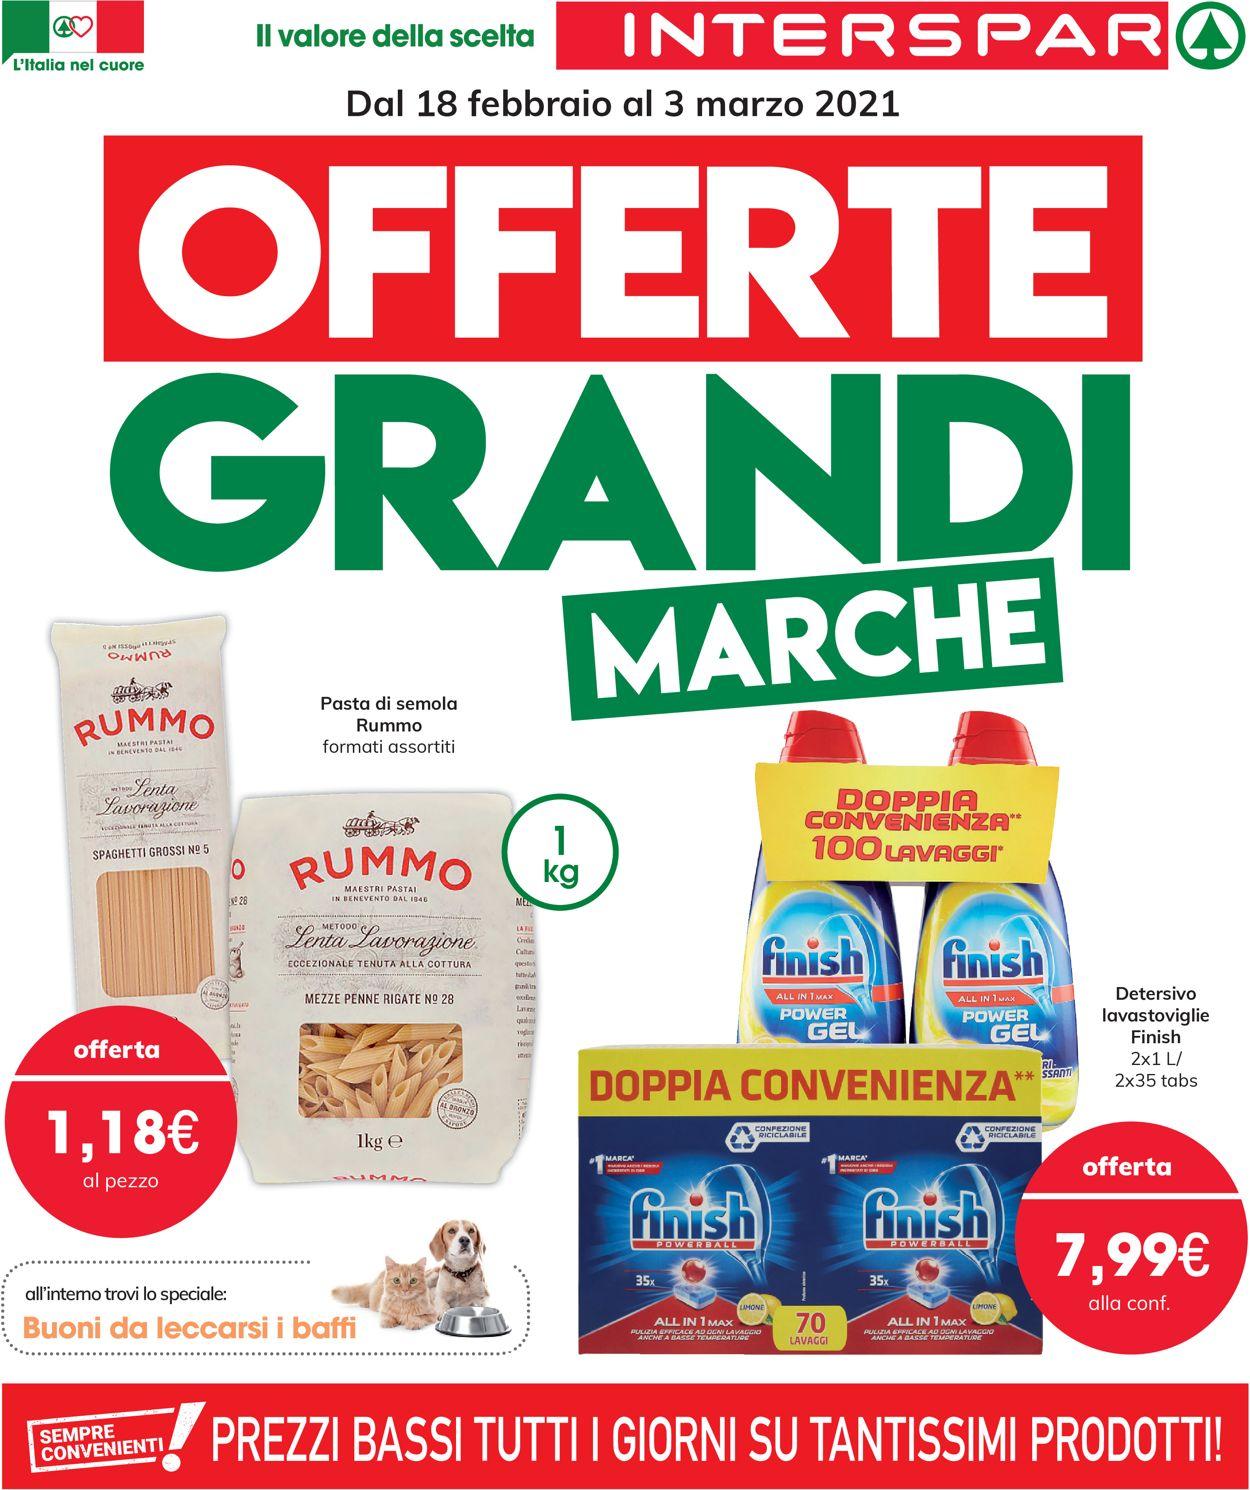 Volantino Interspar - Offerte 18/02-03/03/2021